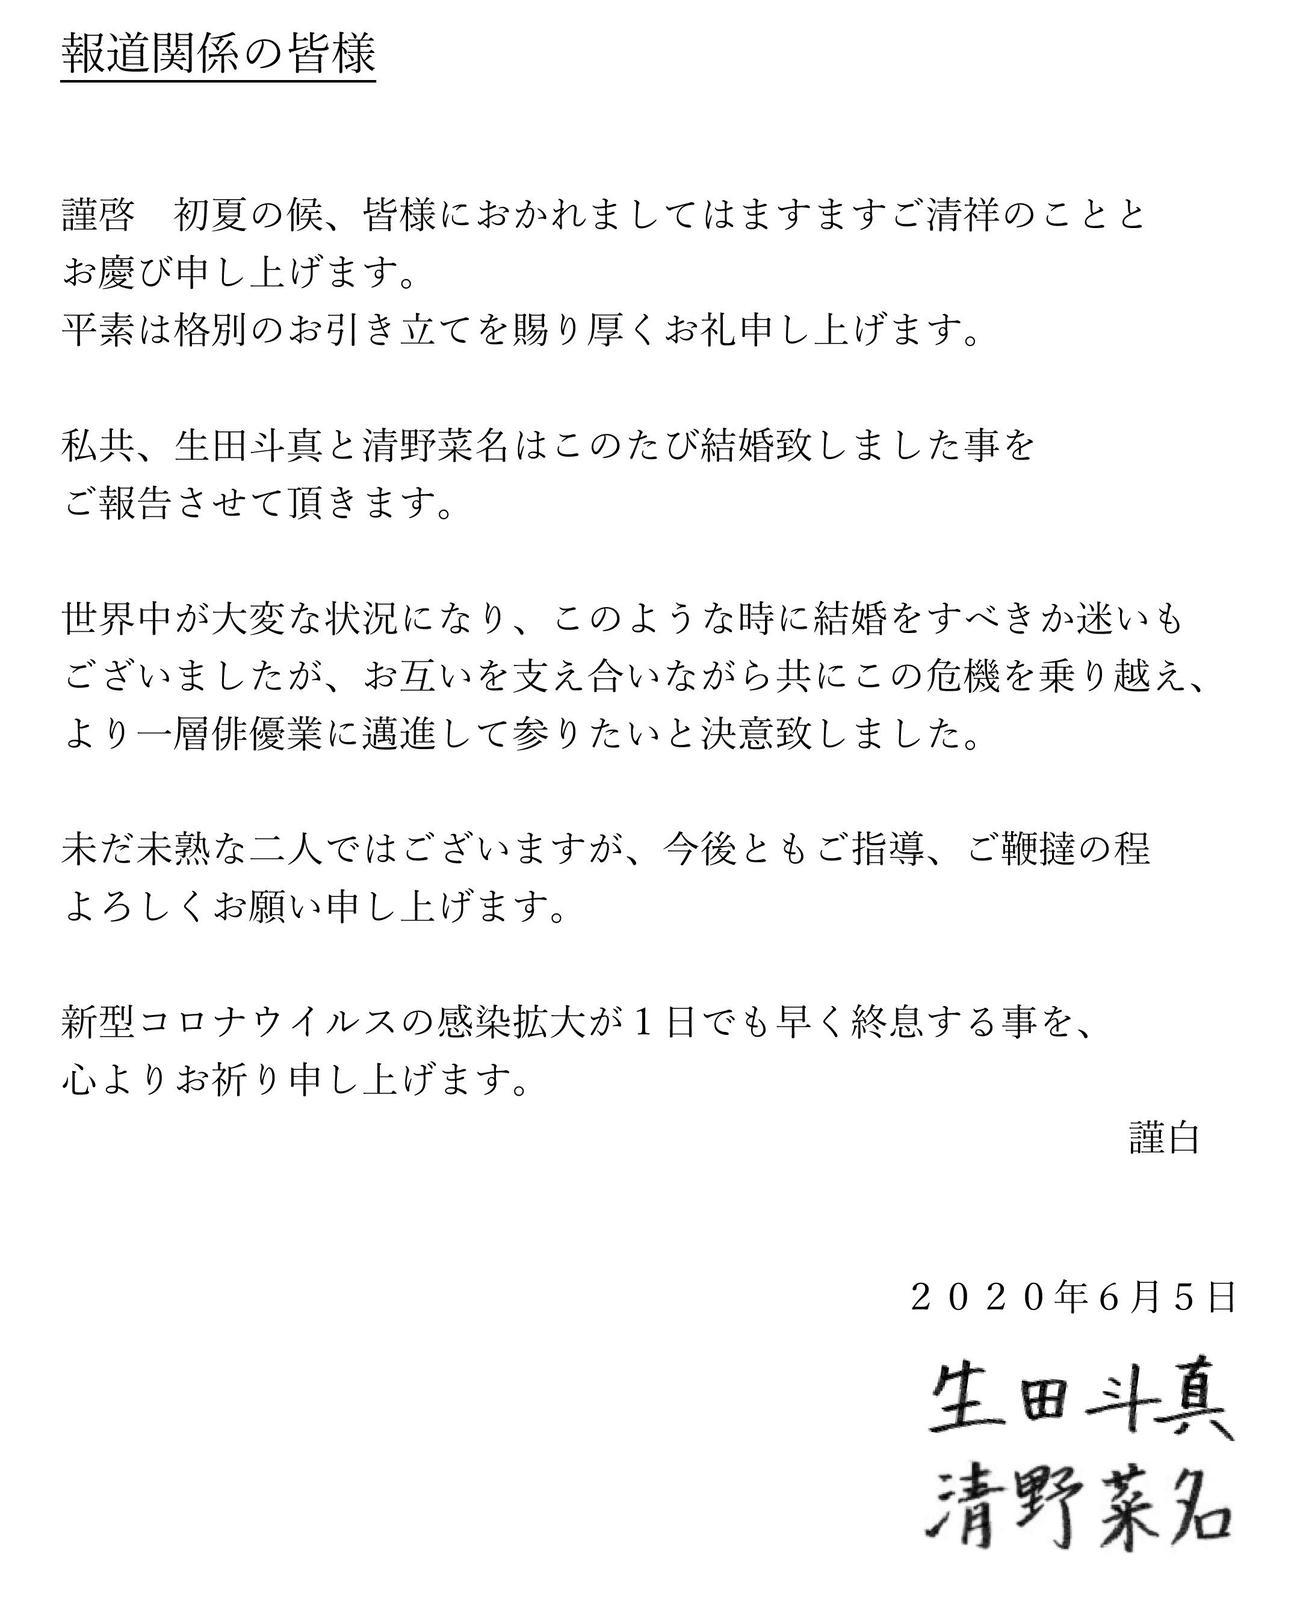 生田斗真と清野菜名の連名で届いた結婚を報告するマスコミ各社に送った文書